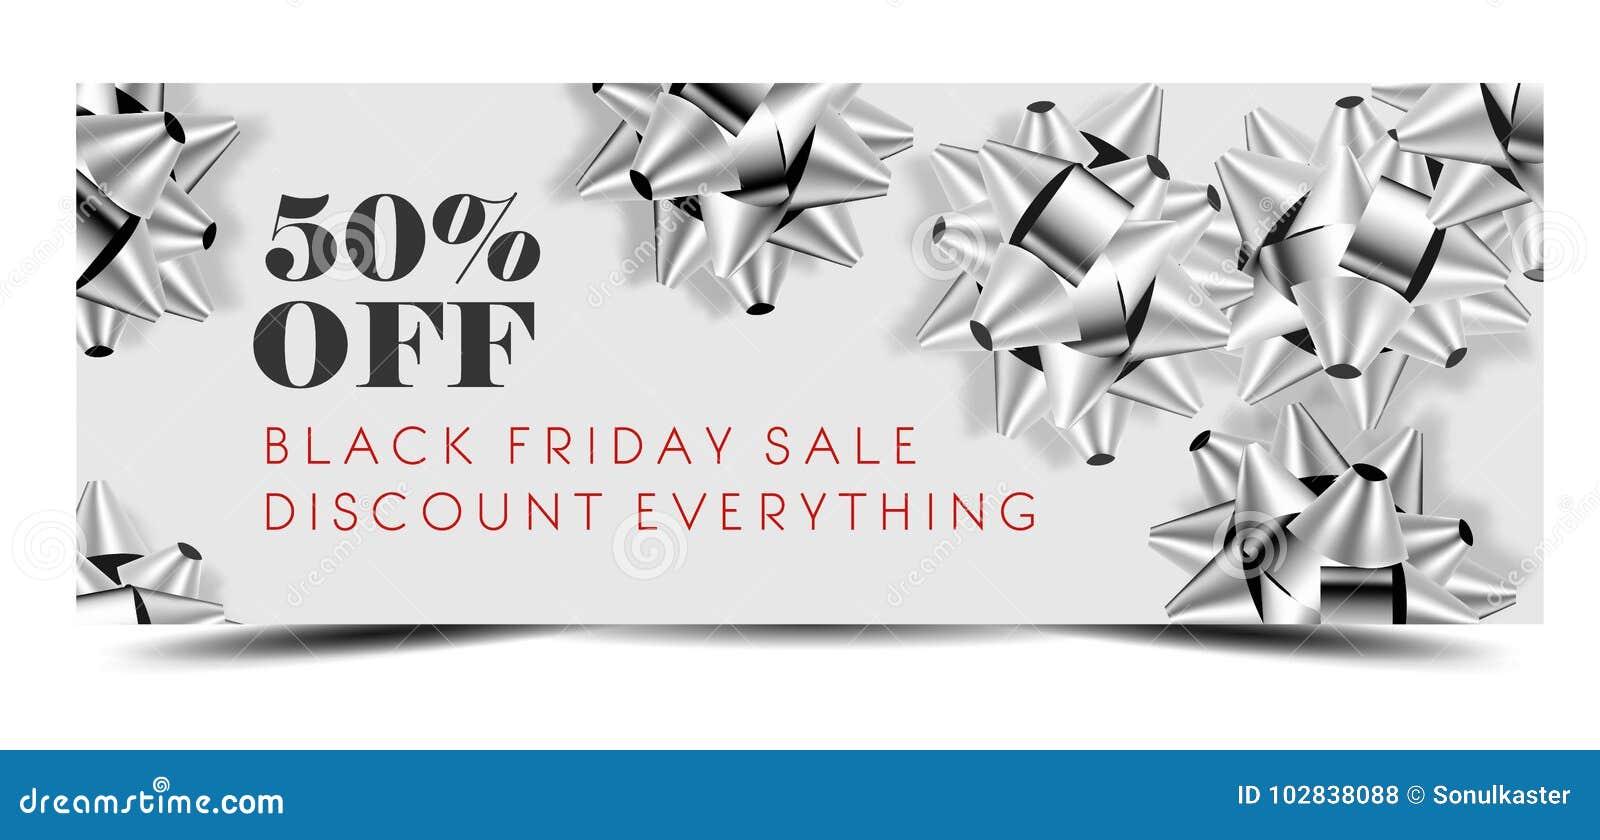 Black Friday-Verkaufsrabatt Promo-Angebotfahne oder kaufen ein 50-Prozent-Preis weg vom Reklamehandzettel und dem Kupon